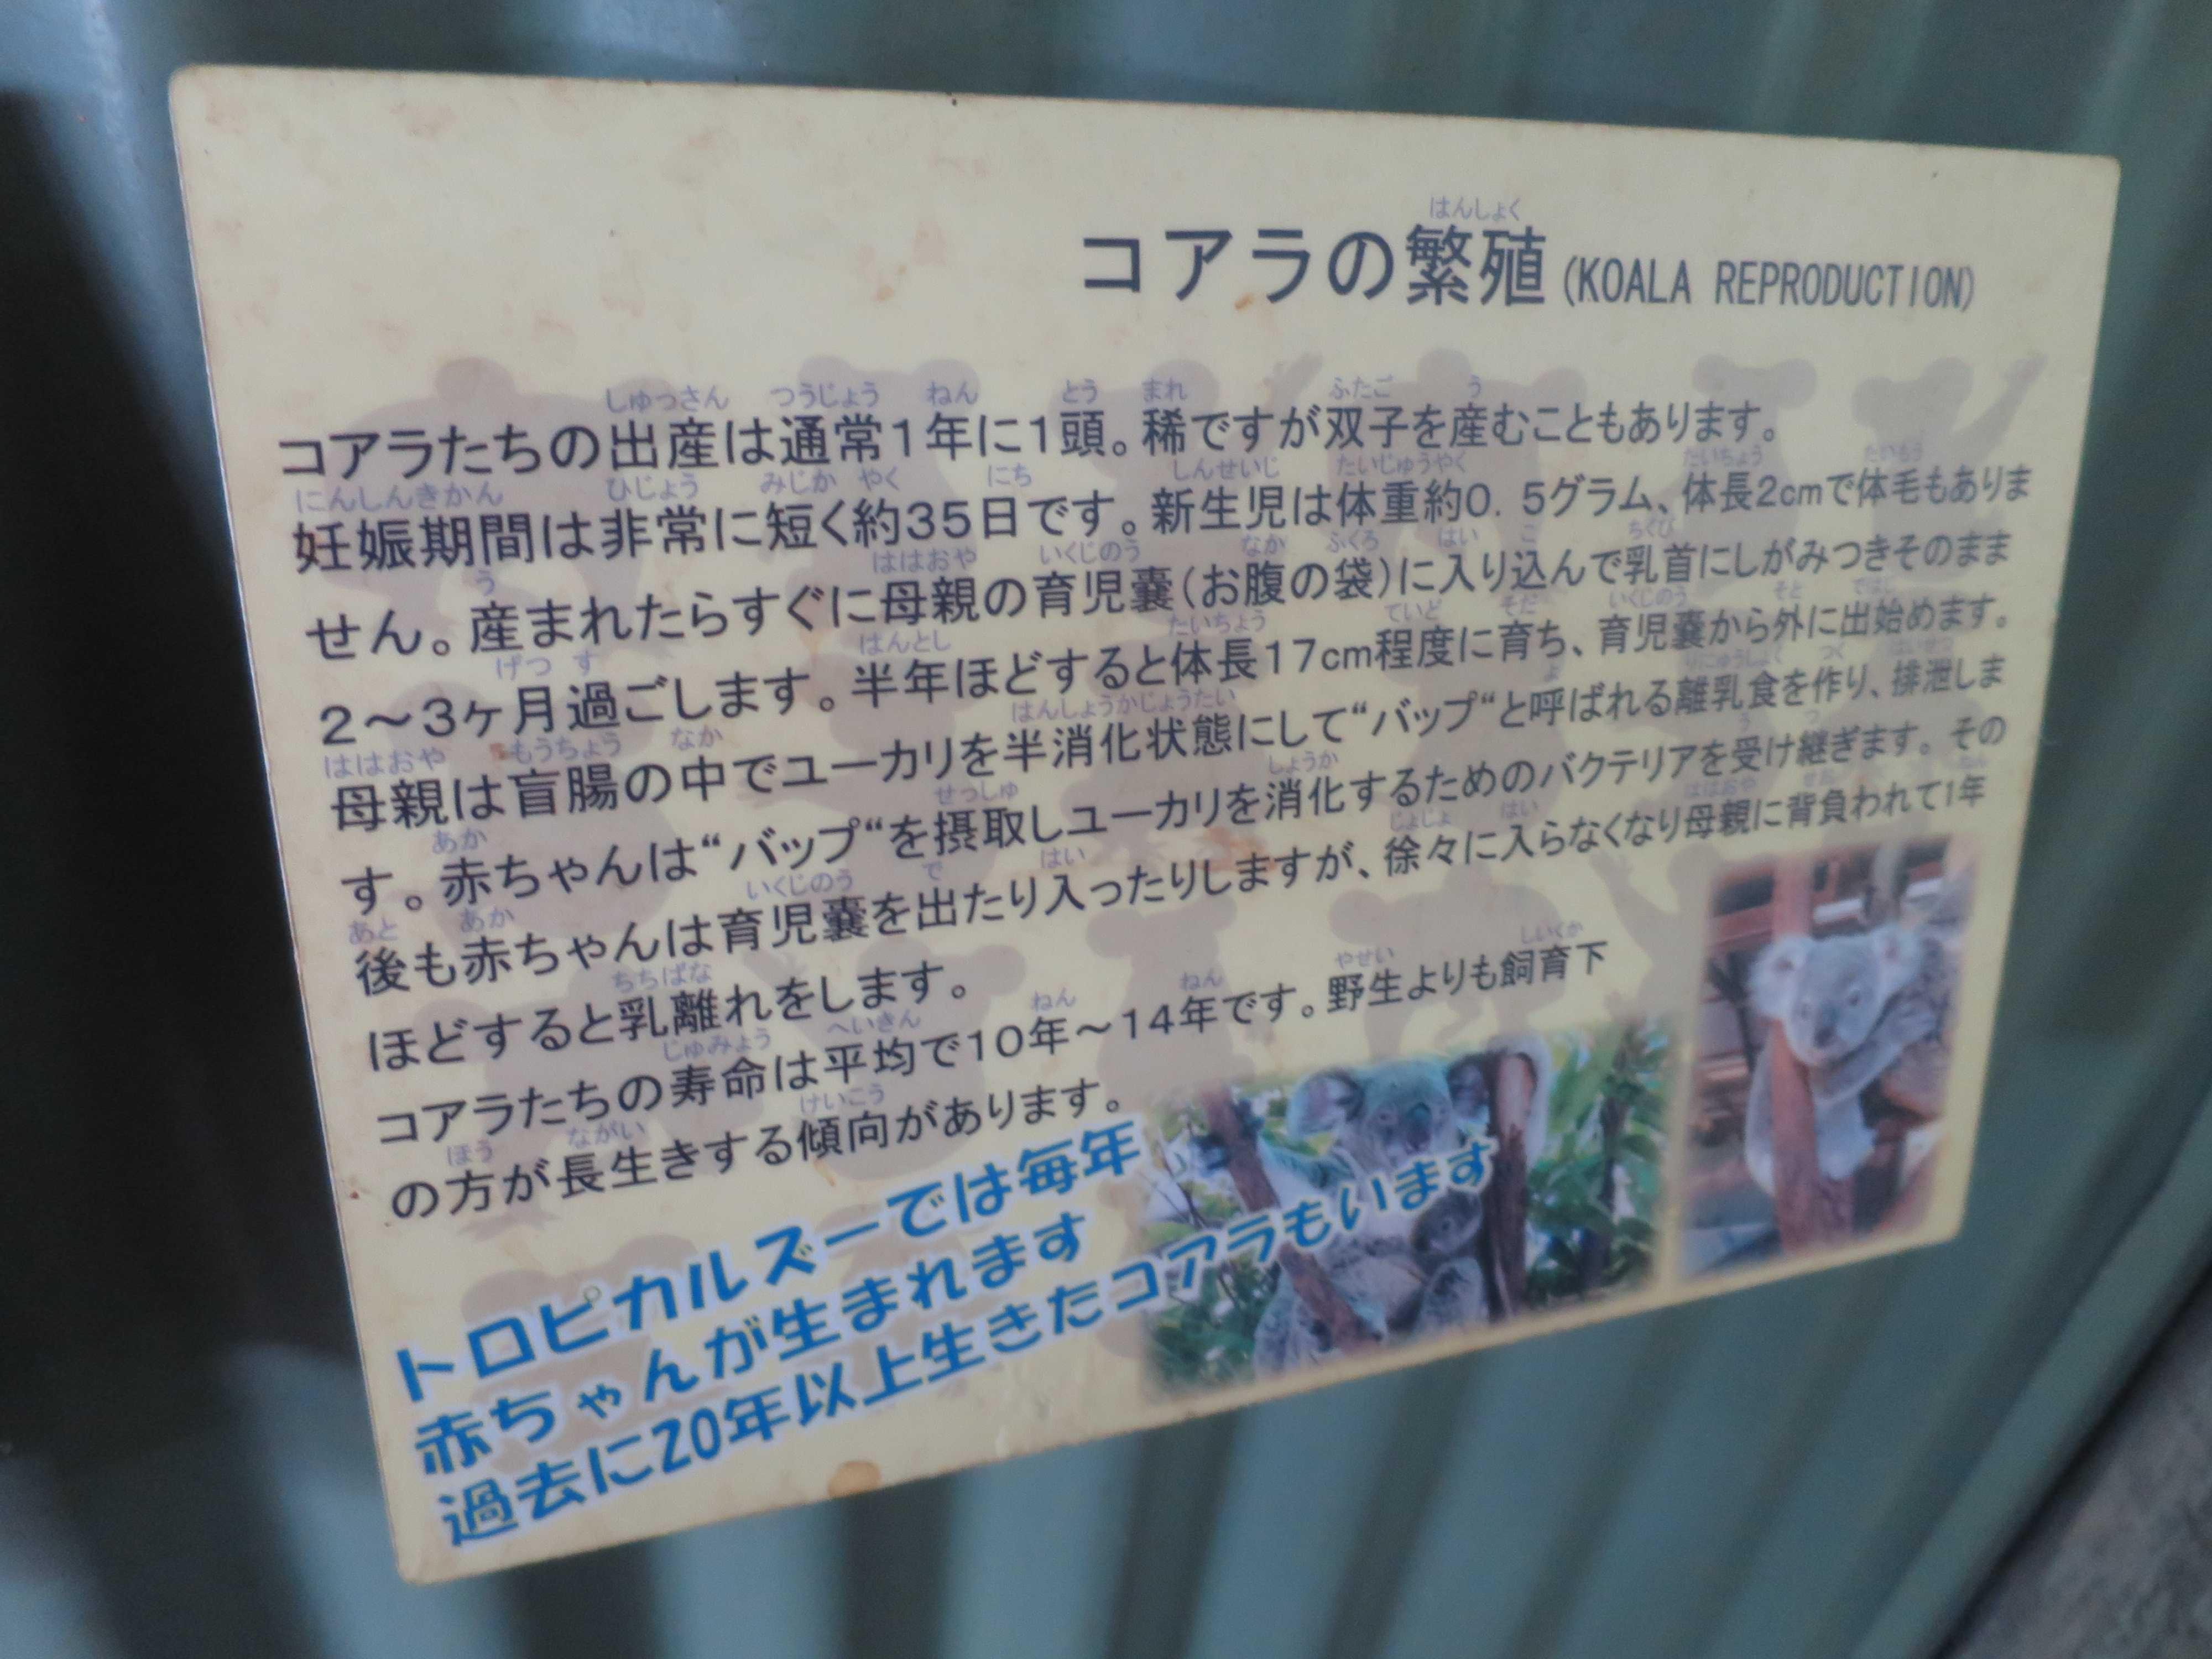 ケアンズ動物園 - コアラの繁殖(KOALA REPRODUCTION)